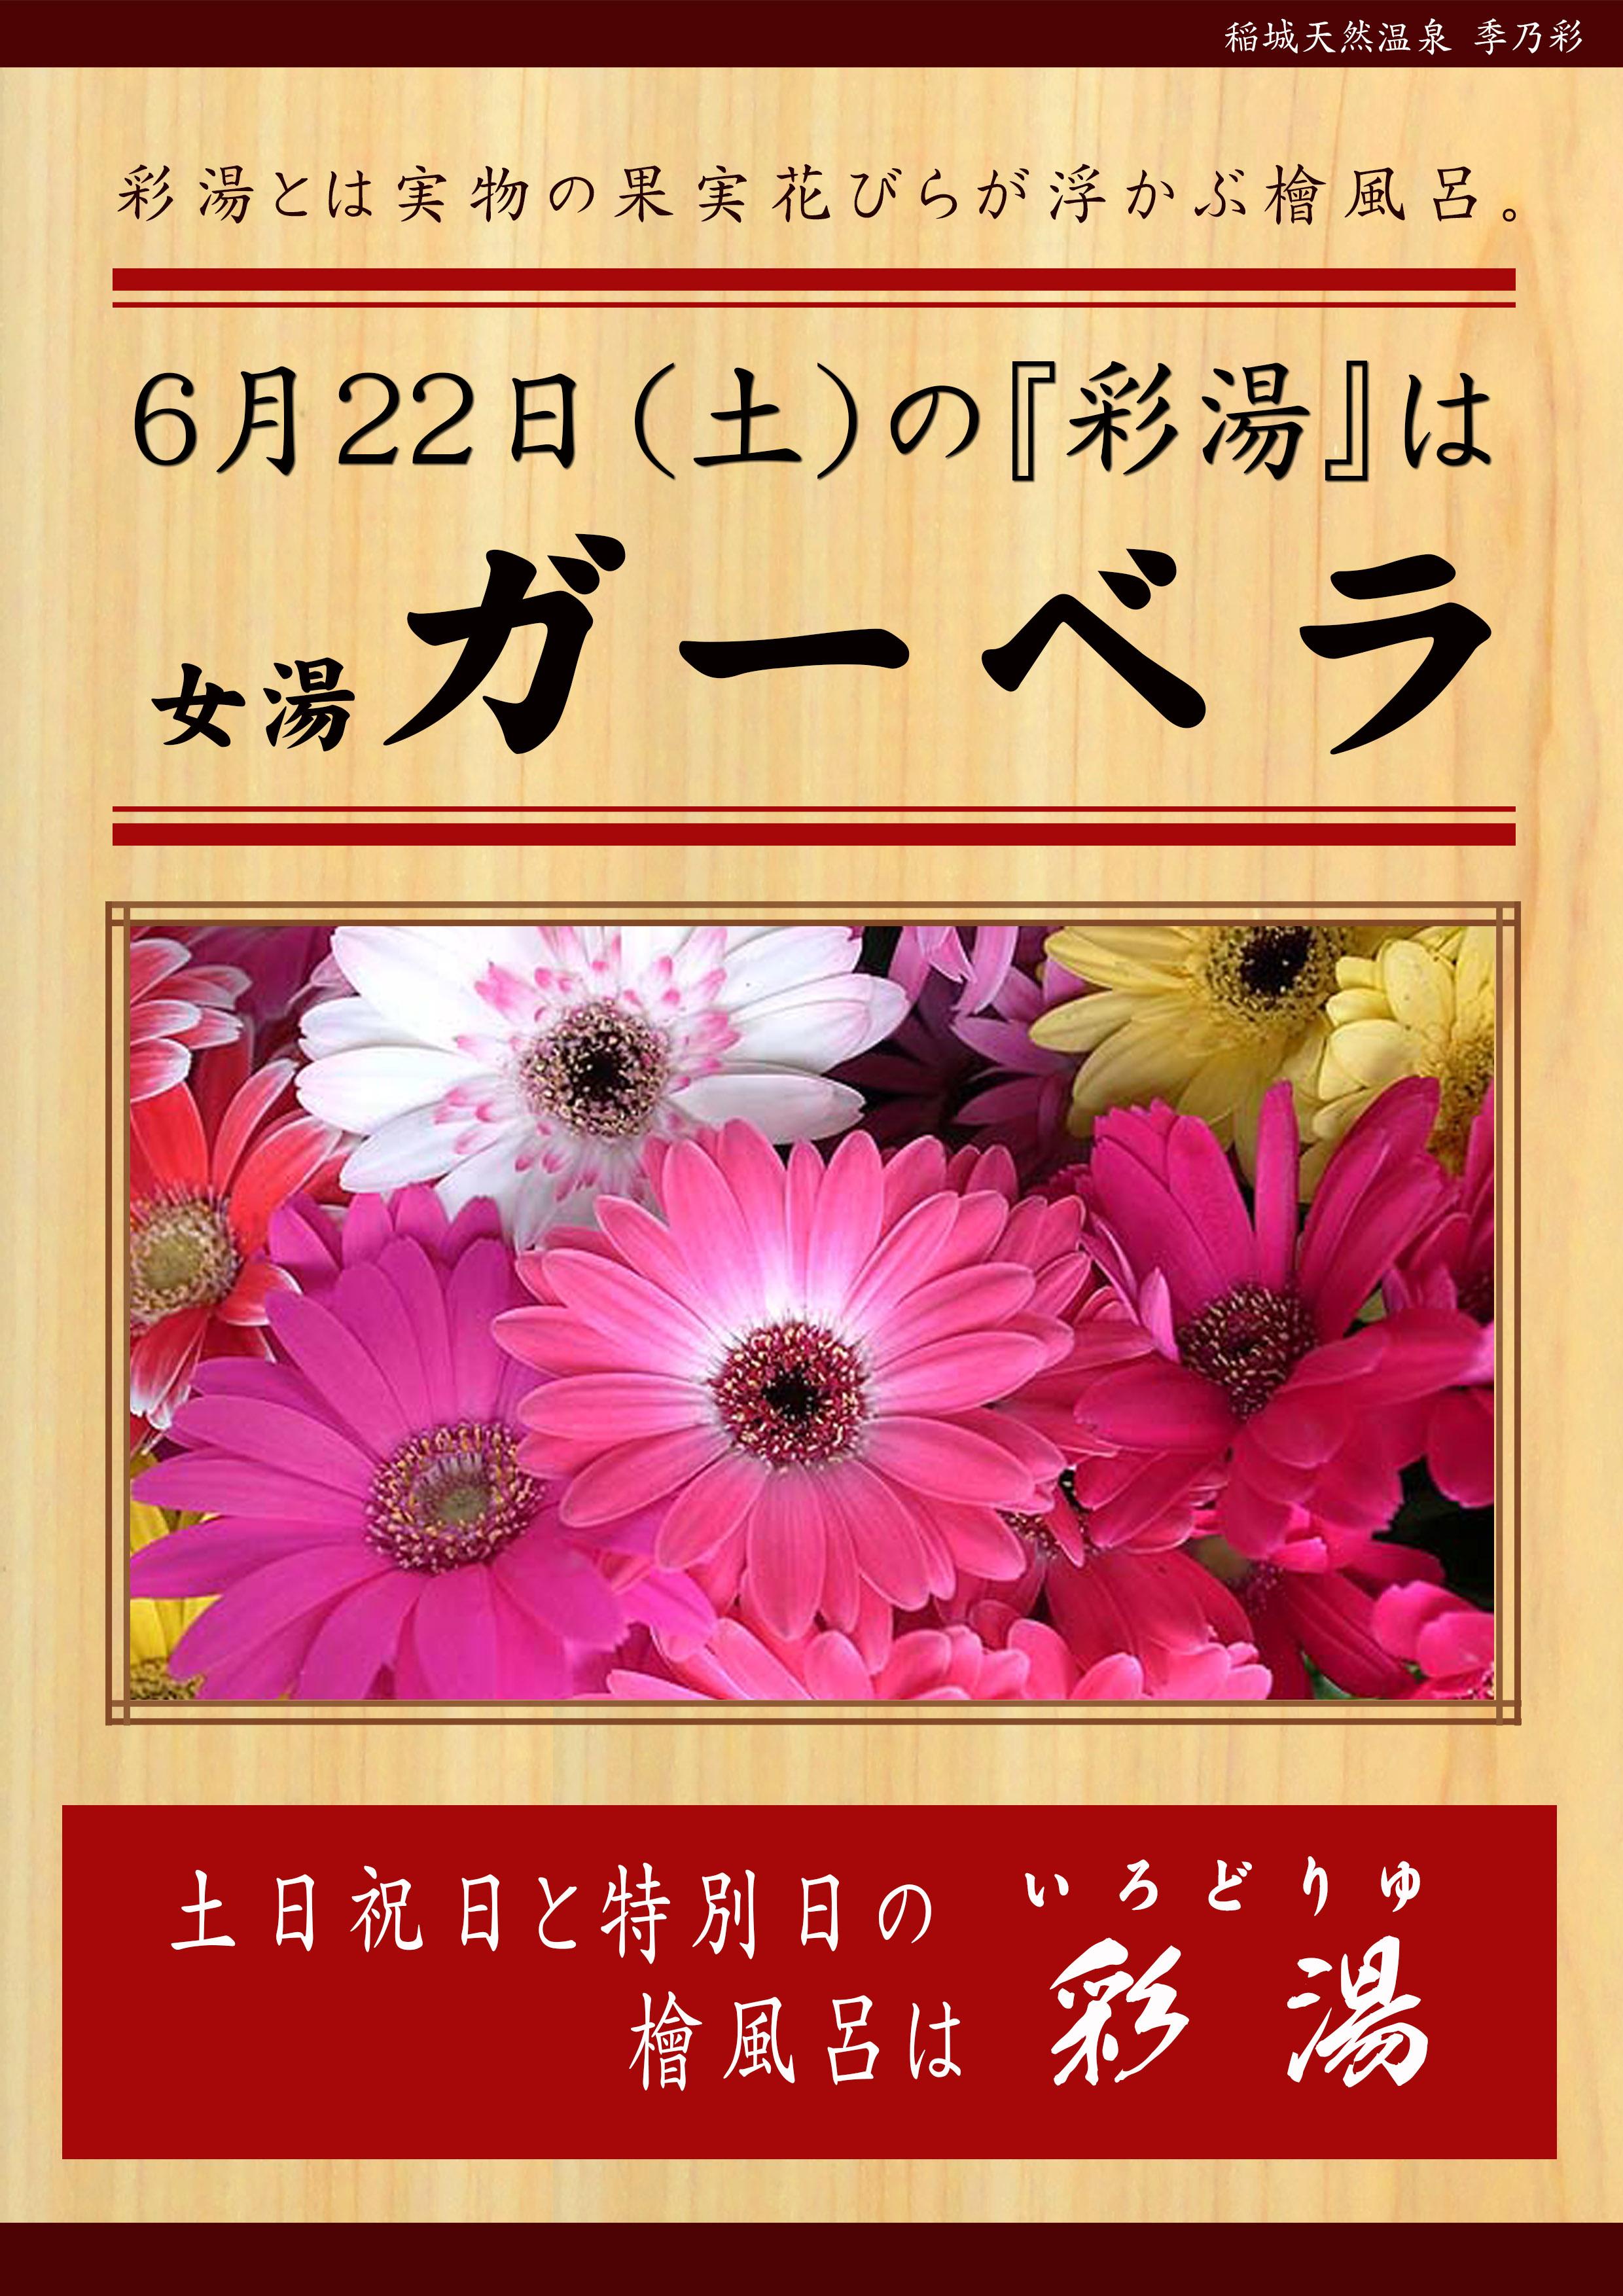 190622 イベント 彩湯 女湯 ガーベラ